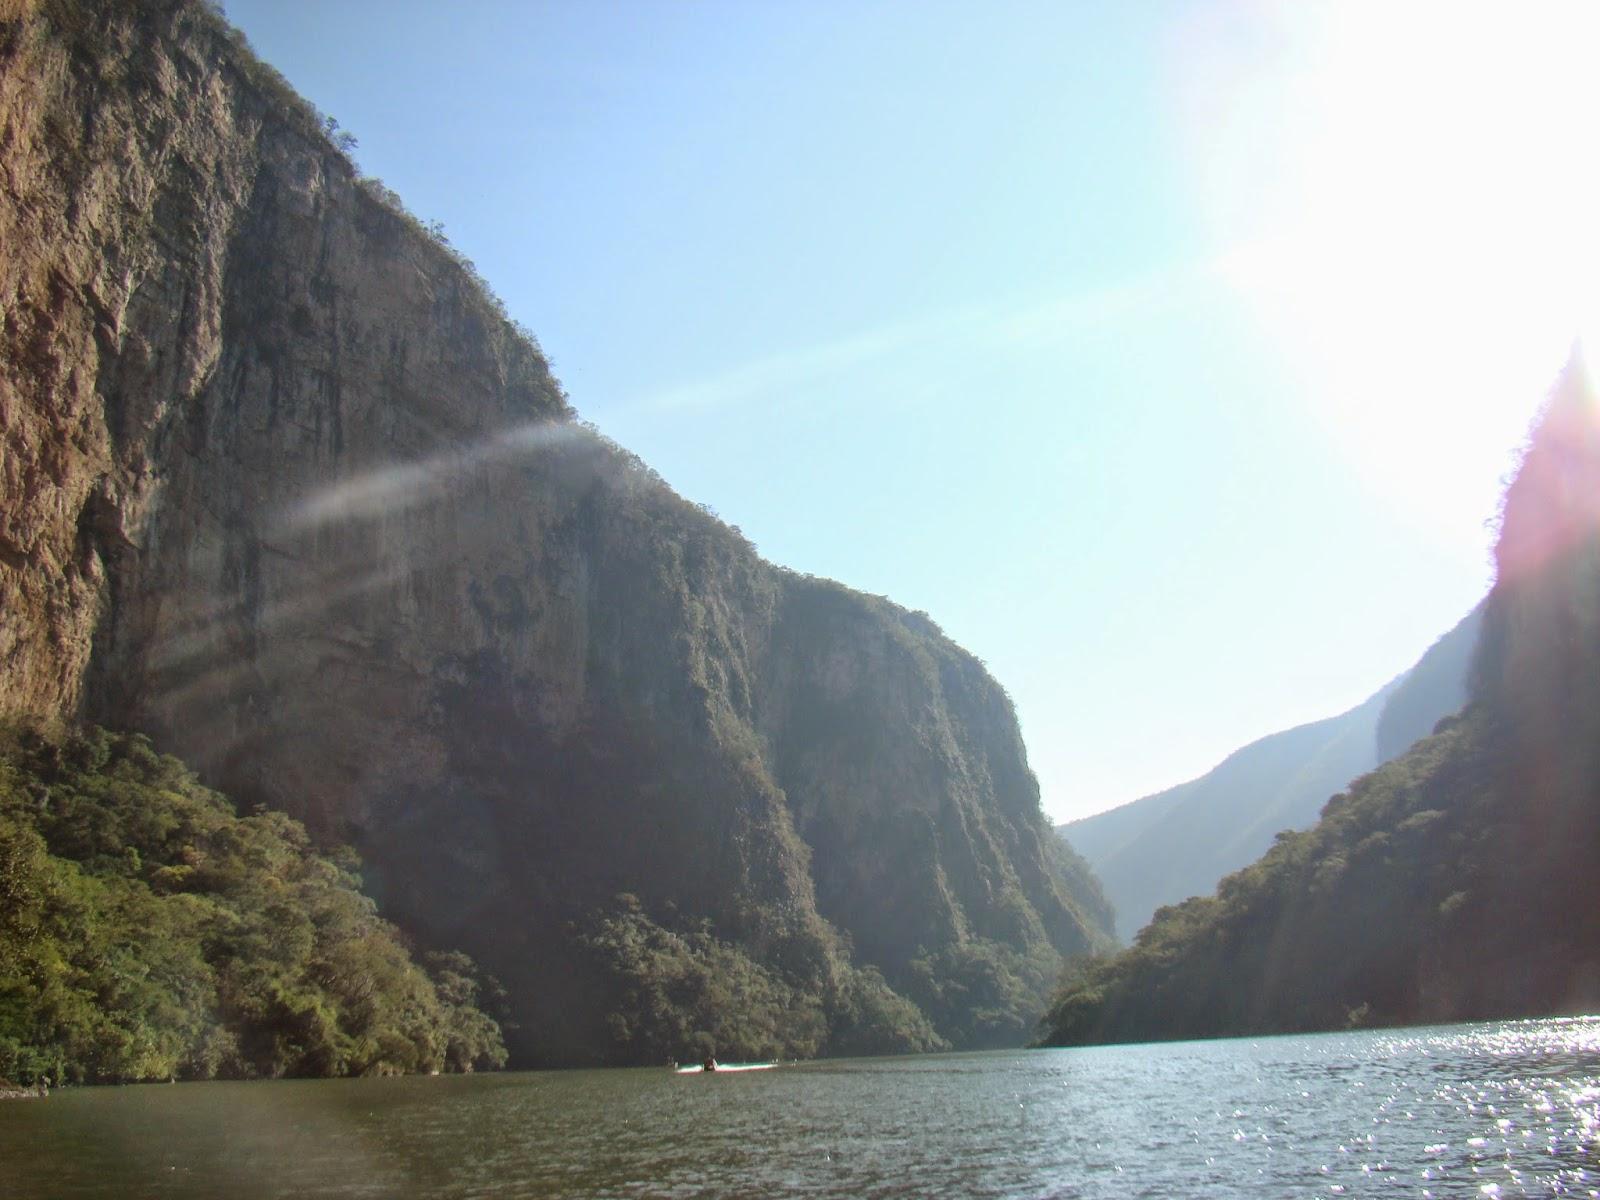 Cañon del Sumidero, Chiapas